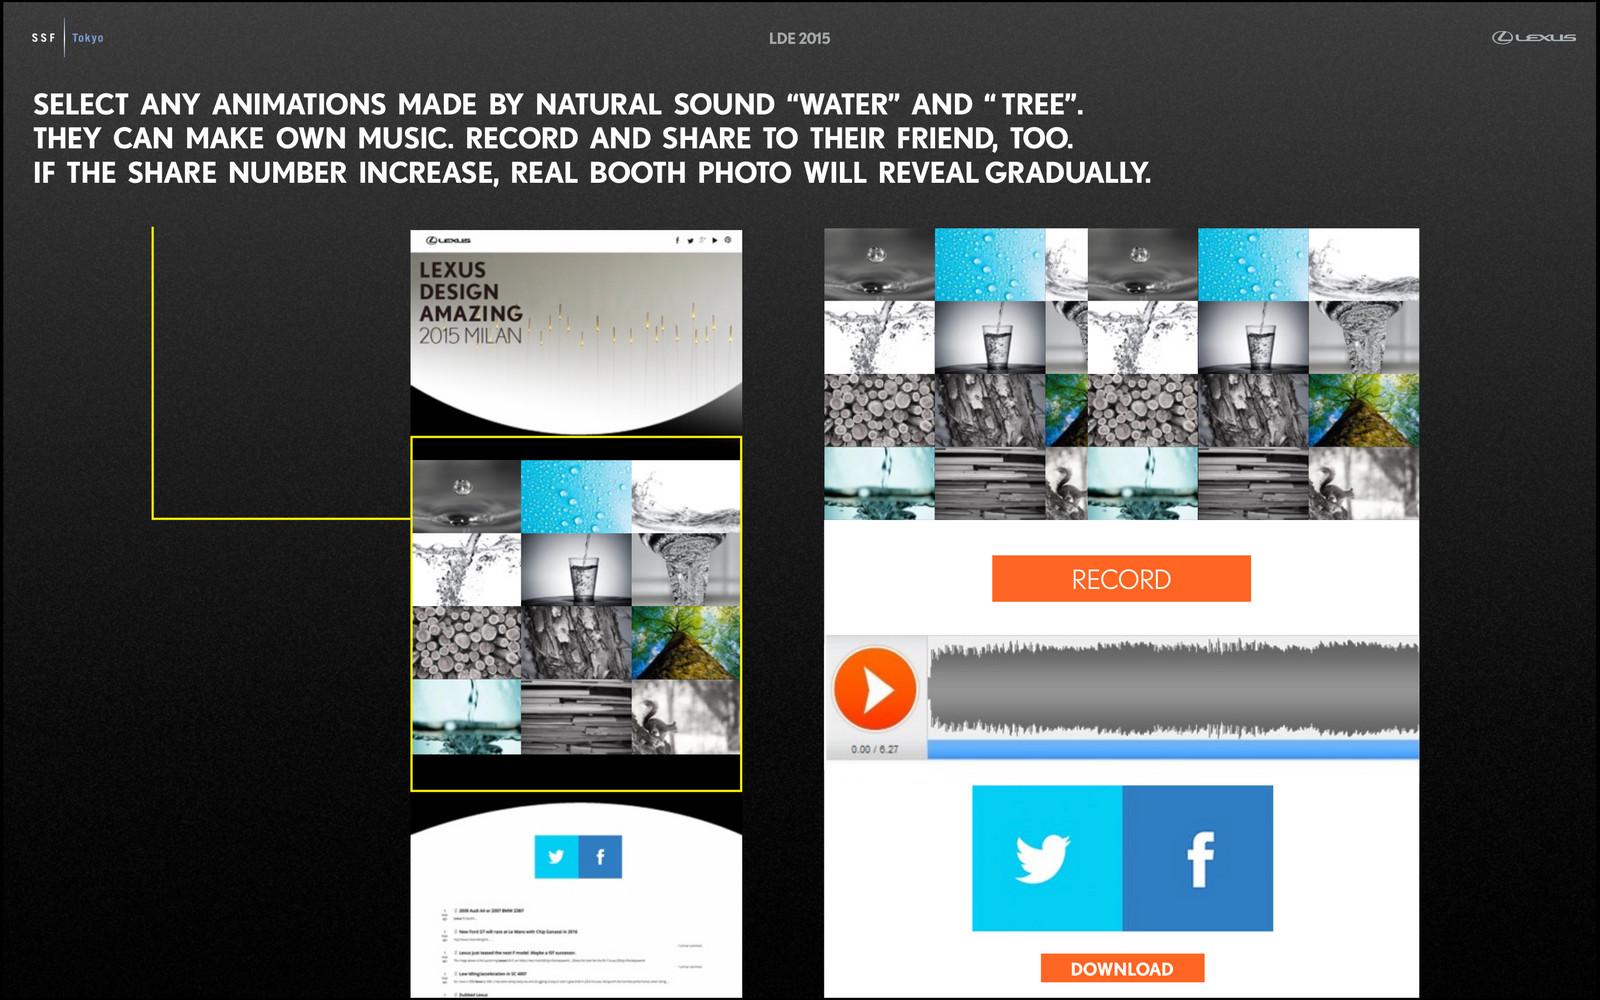 DPDC design | LEXUS – A JOURNEY OF THE SENSES virtual